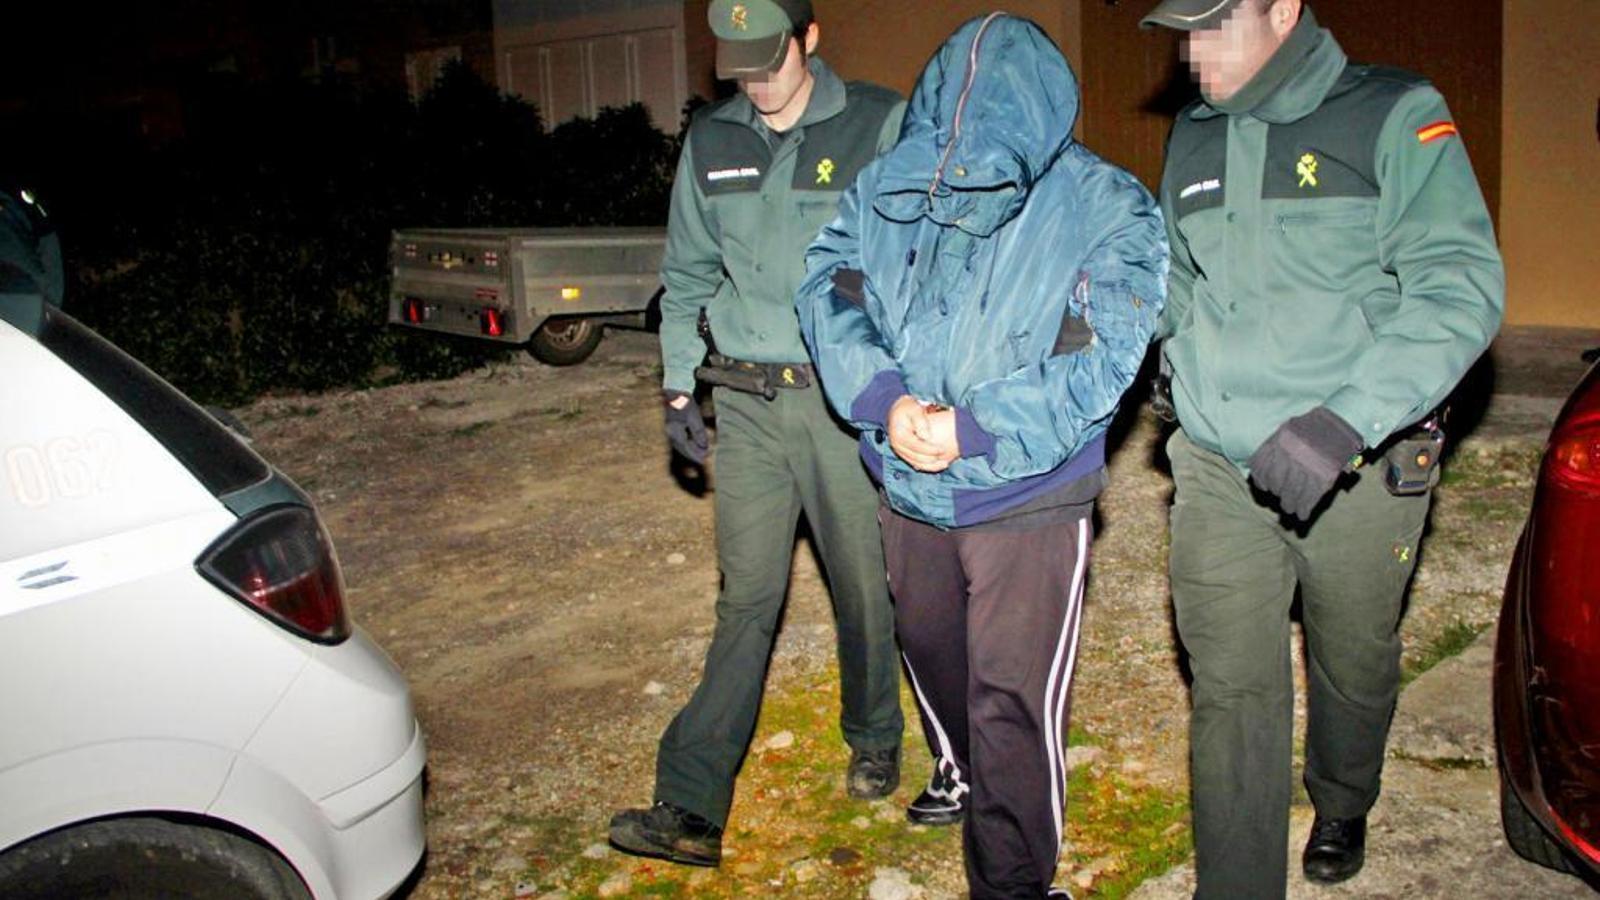 Un dels presumptes autors delo crim en el moment de la seva detenció per agents de la Guàrdia Civil/ALEJANDRO SEPÚLVEDA SOLER